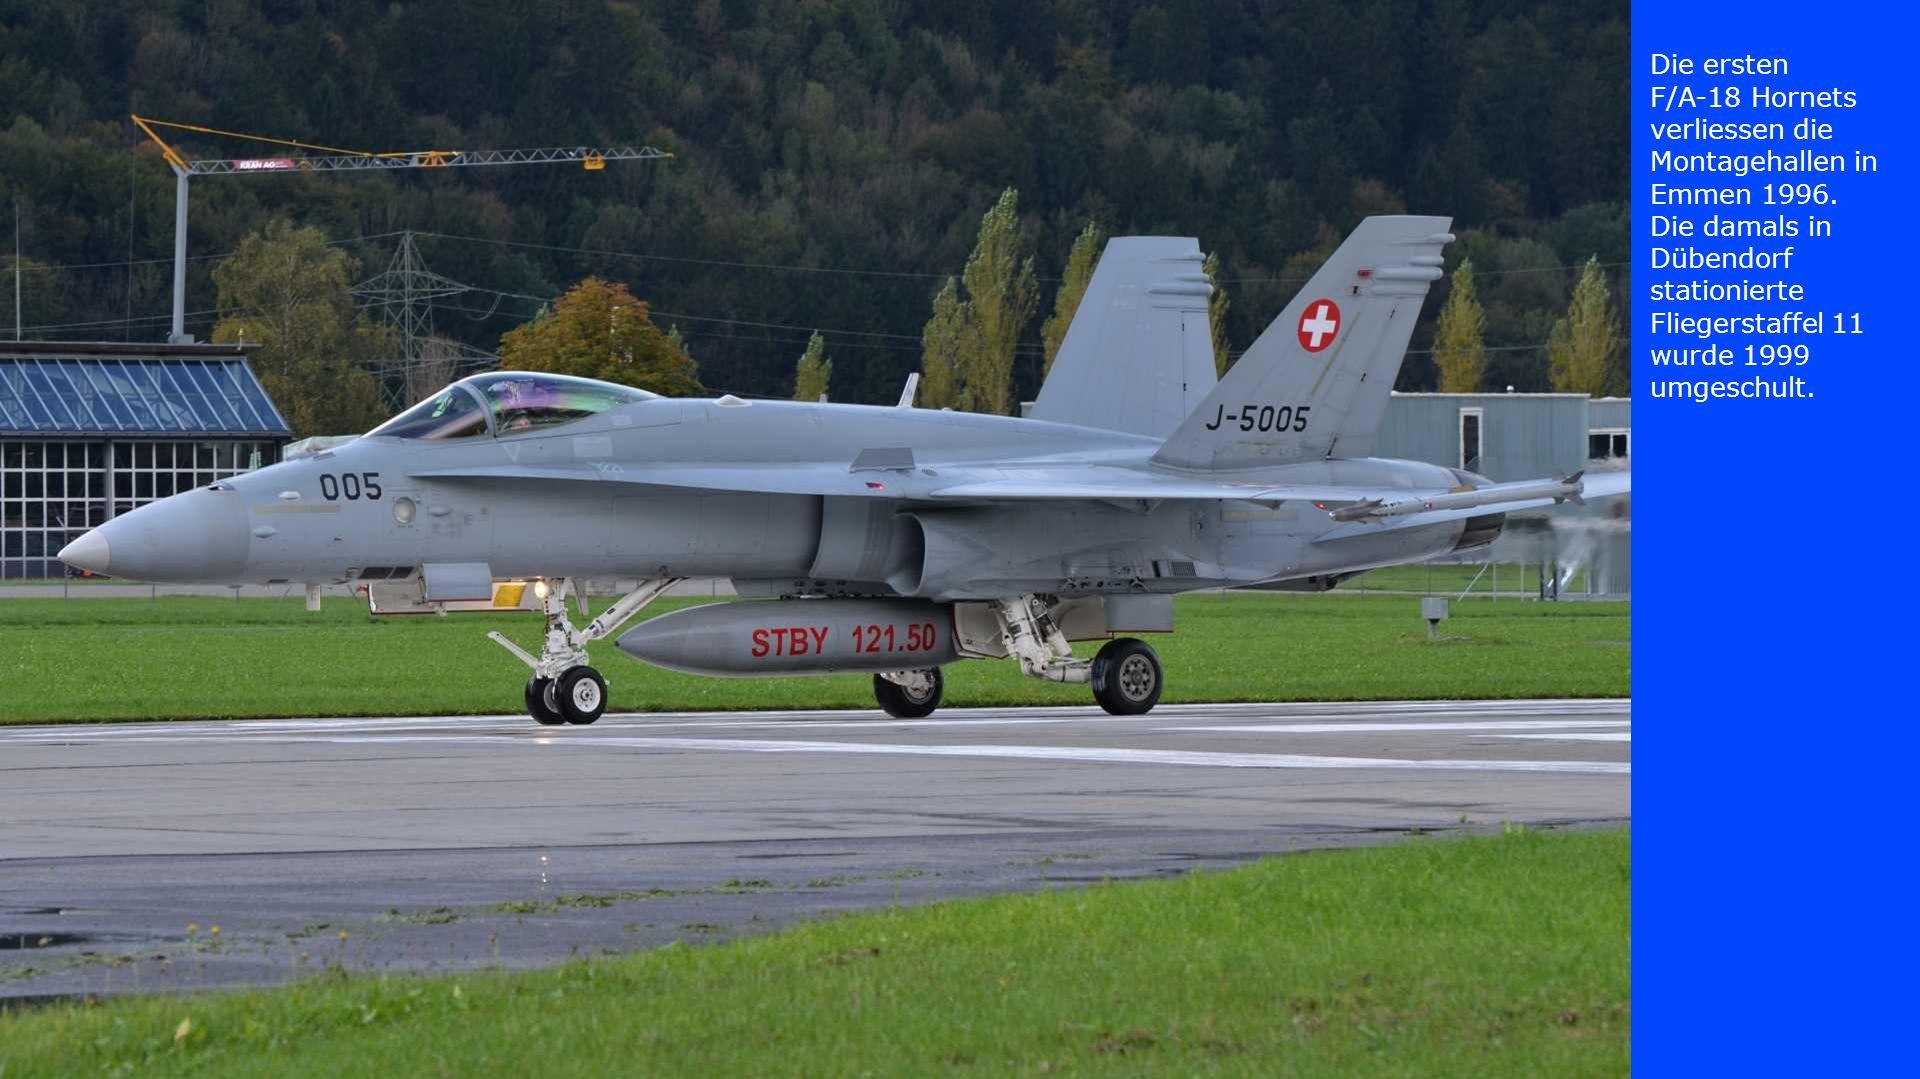 Die ersten F/A-18 Hornets verliessen die Montagehallen in Emmen 1996